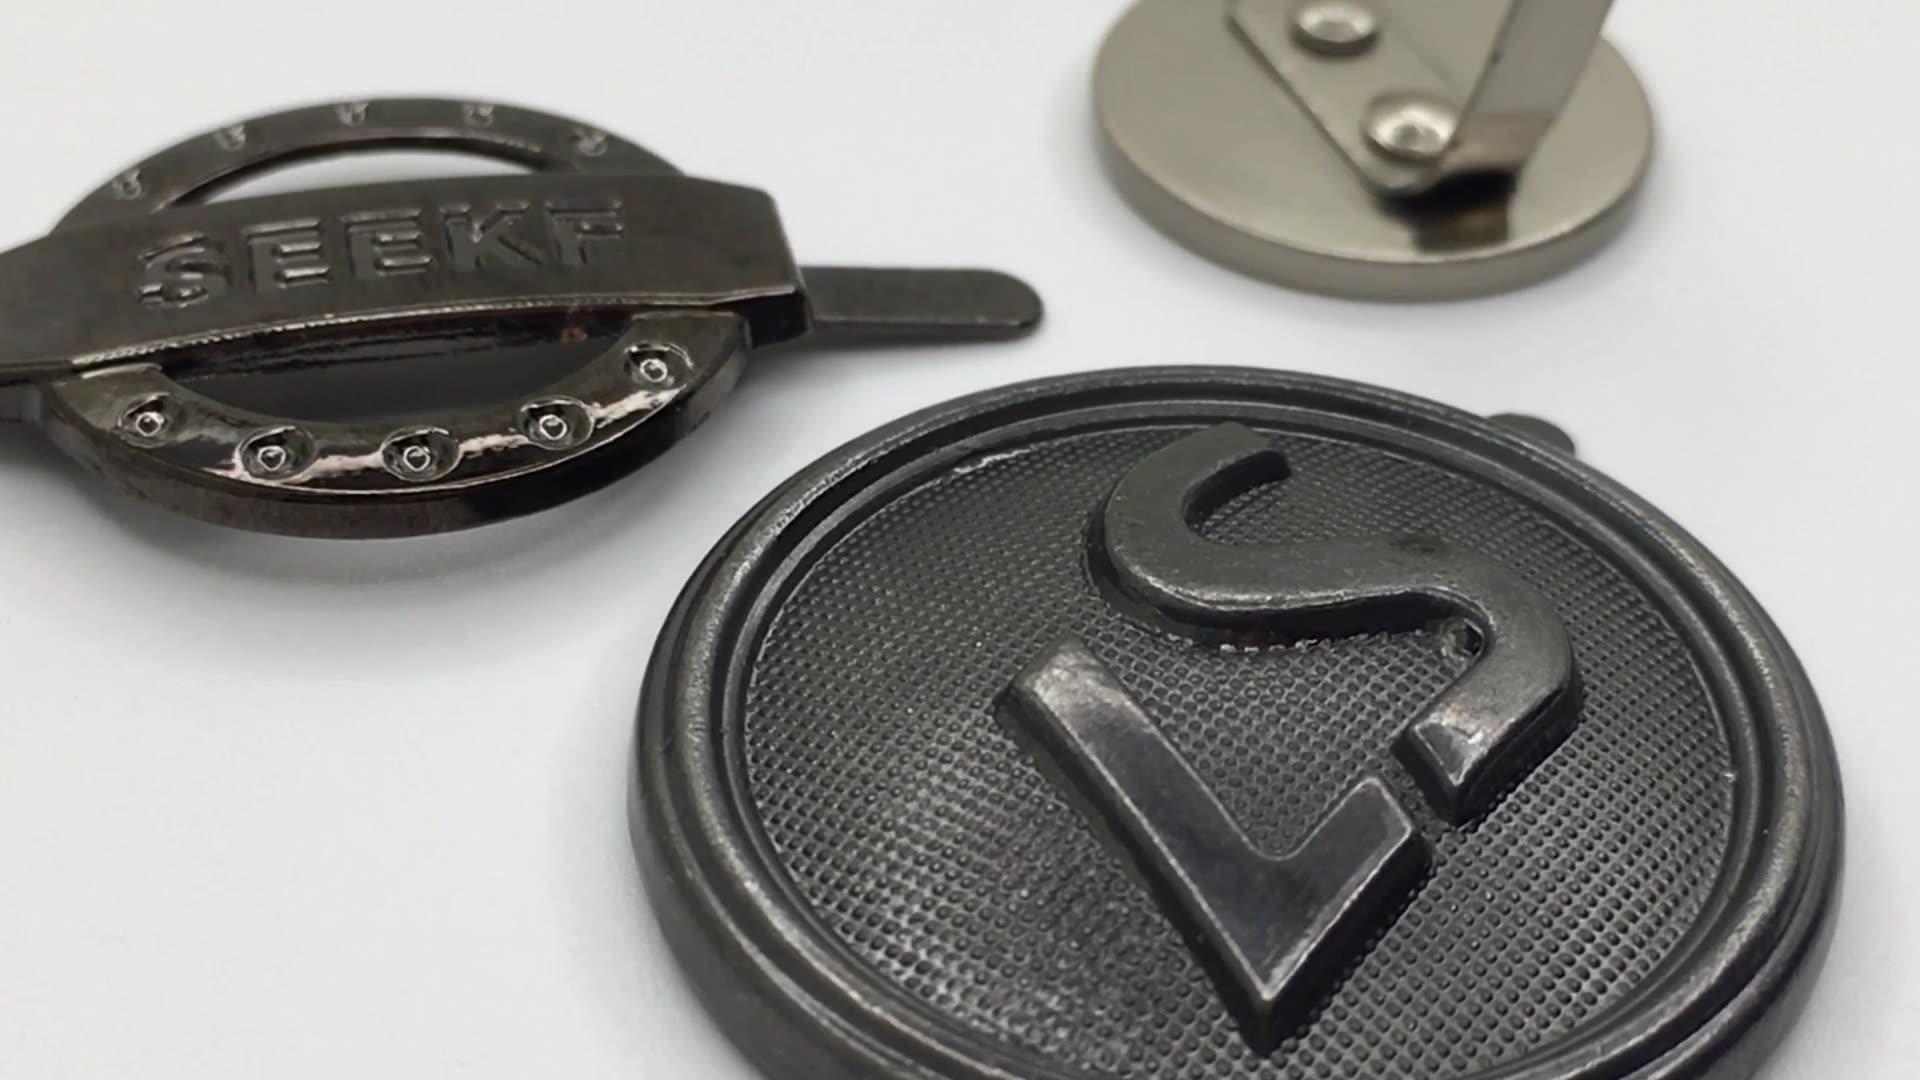 Gold Lock Alloy Handbag Strap Accessories Fastener Metal Bag Buckle For Shoulder Belt